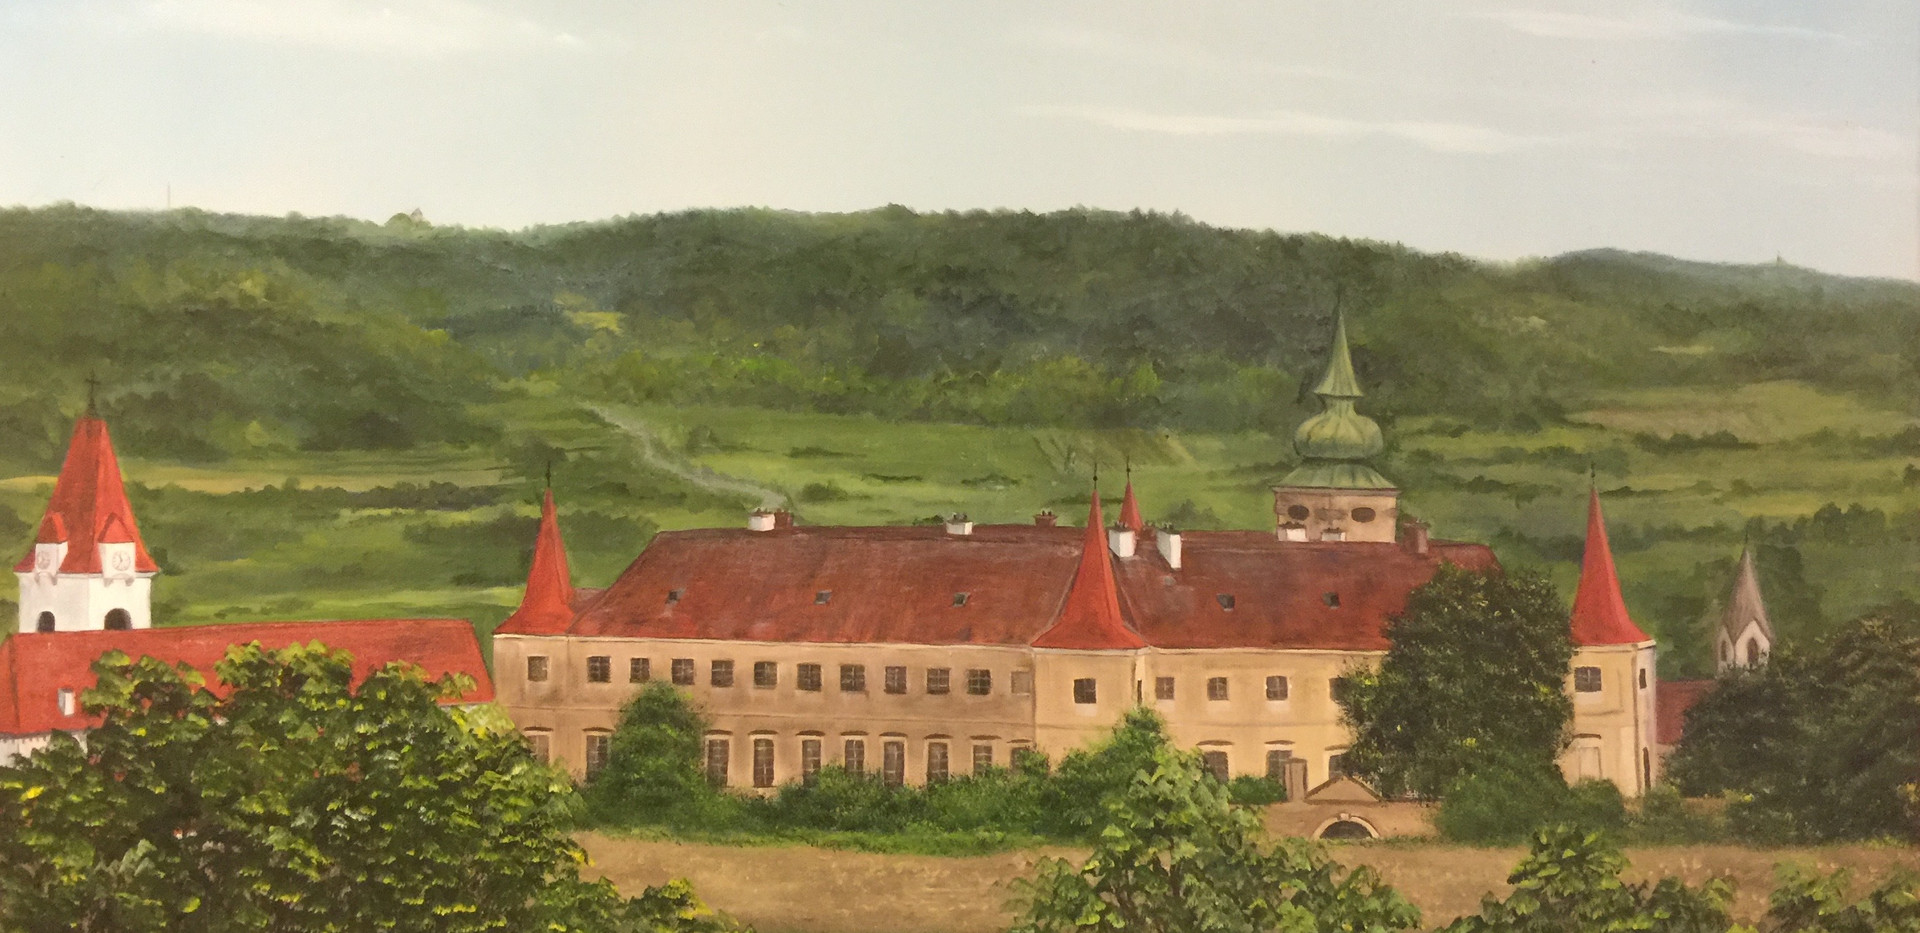 Schloss Dross.jpeg